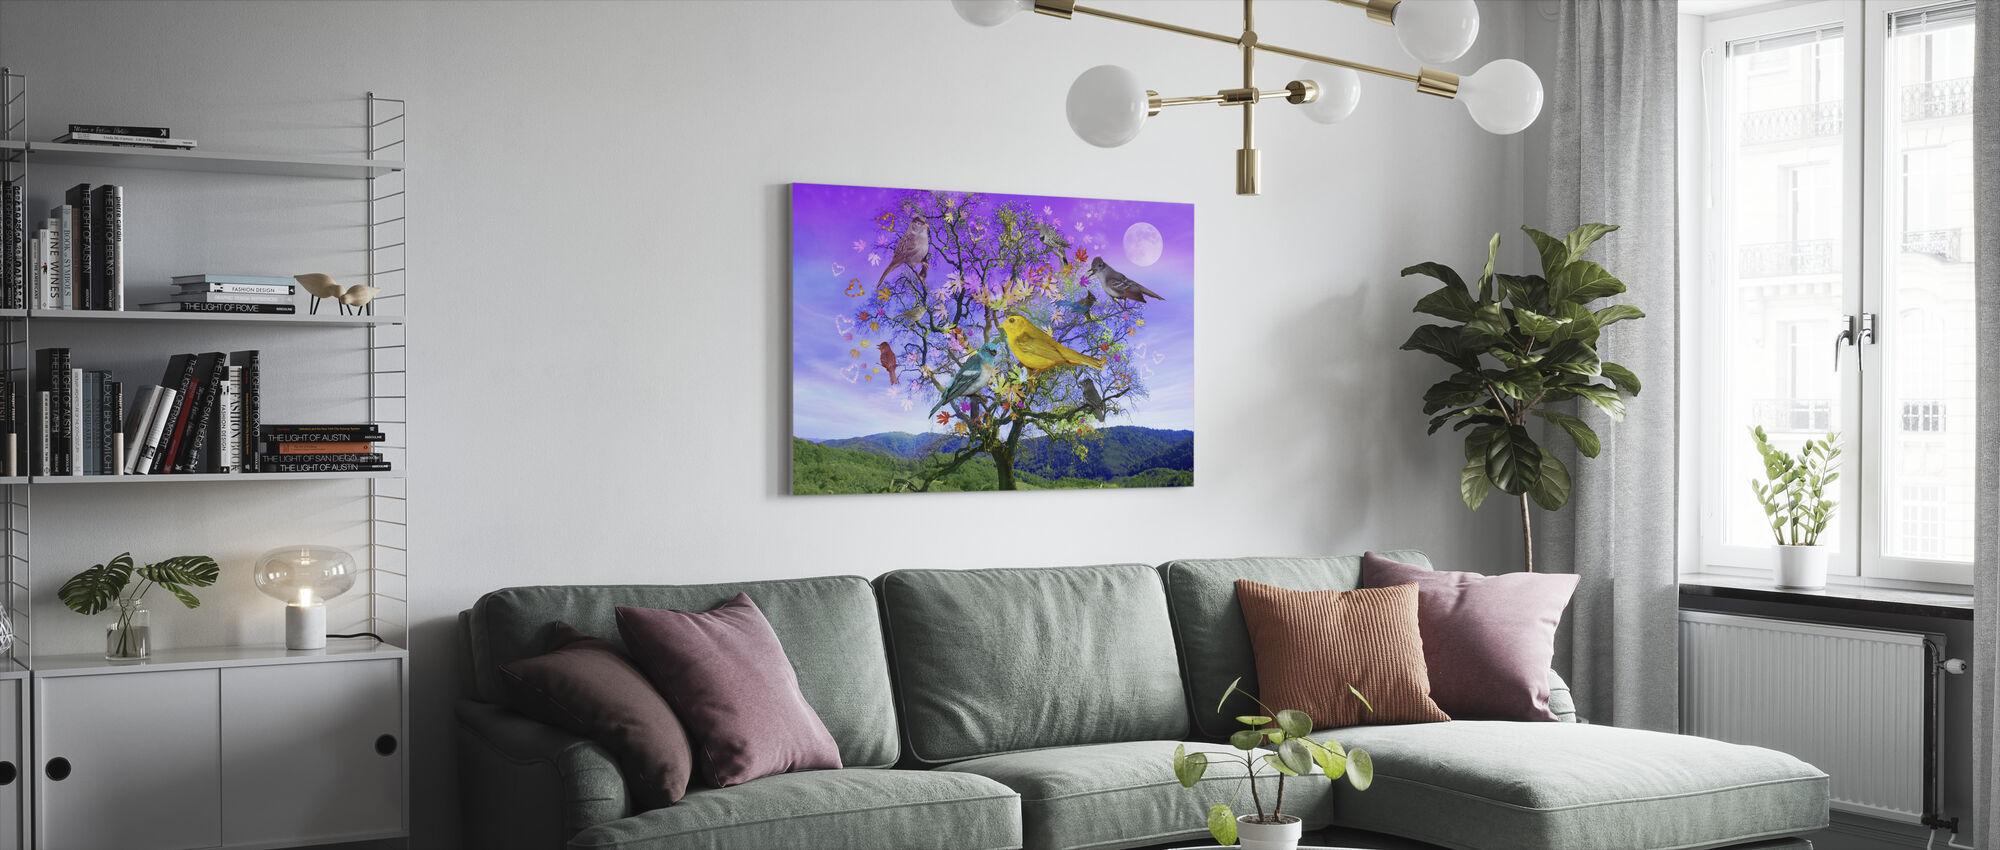 Träd av lycka - Canvastavla - Vardagsrum